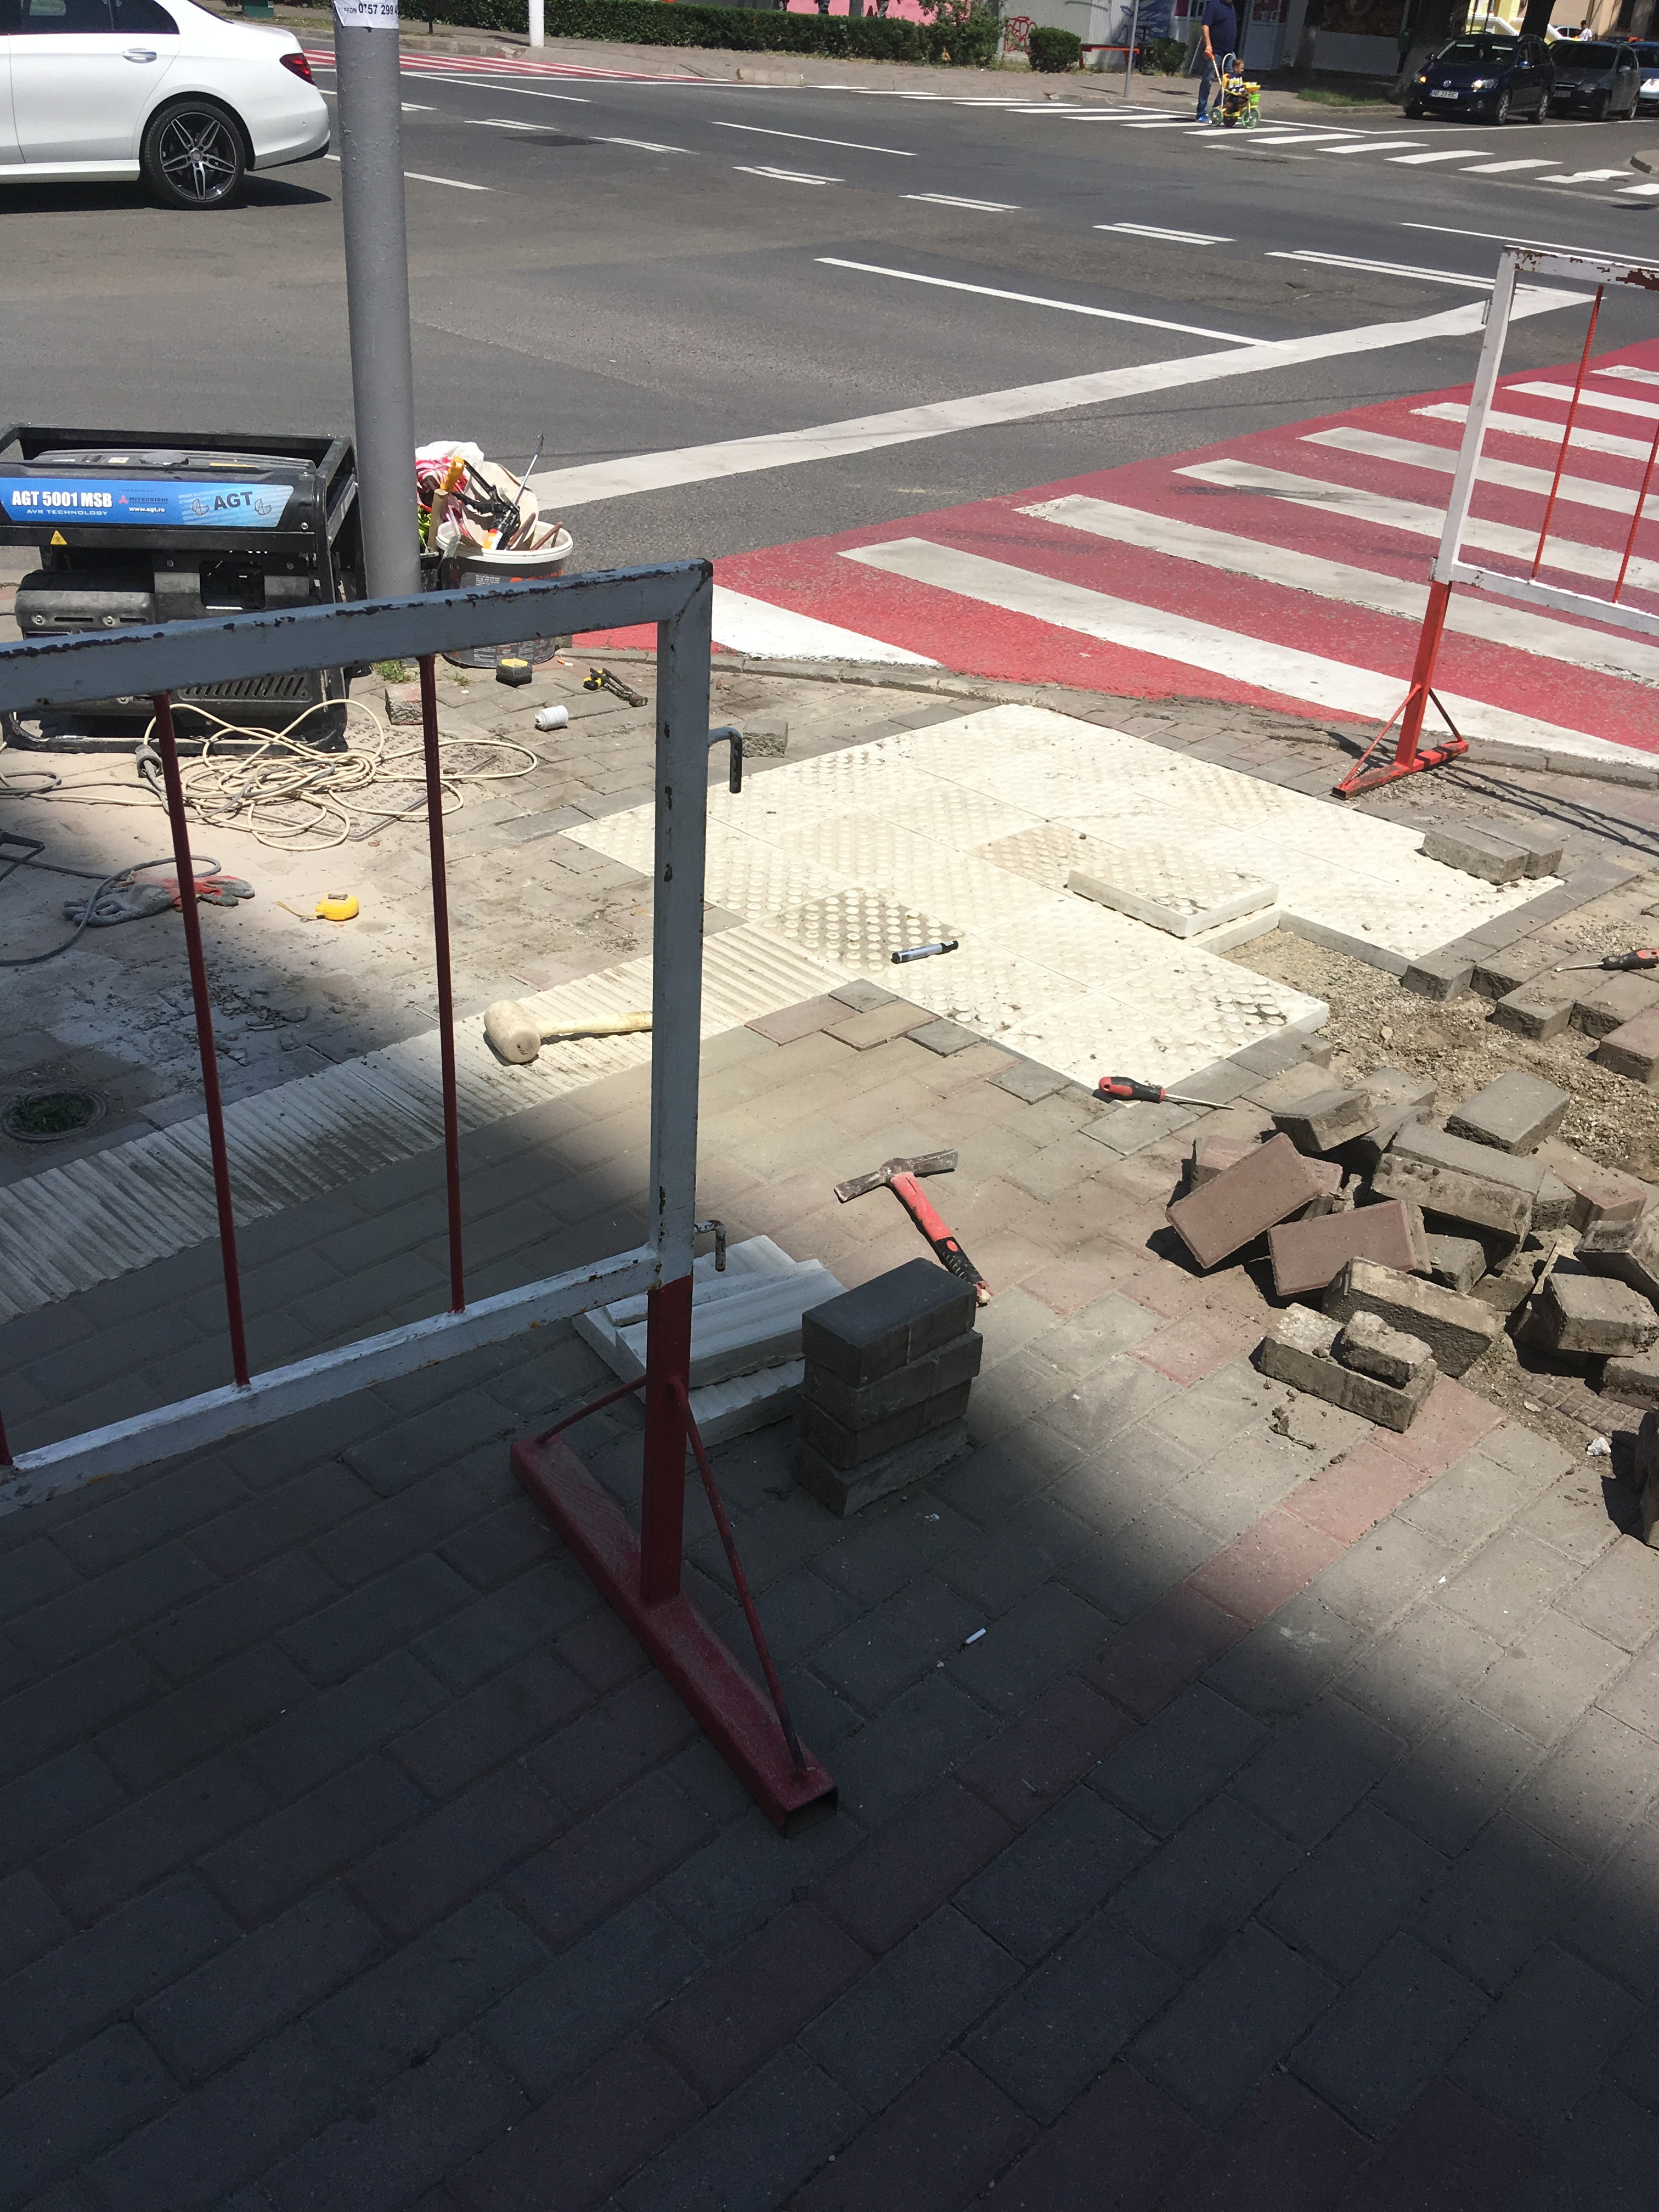 S-au pus primele pavele tactile și semafoare cu sunet pentru siguranța nevăzătorilor